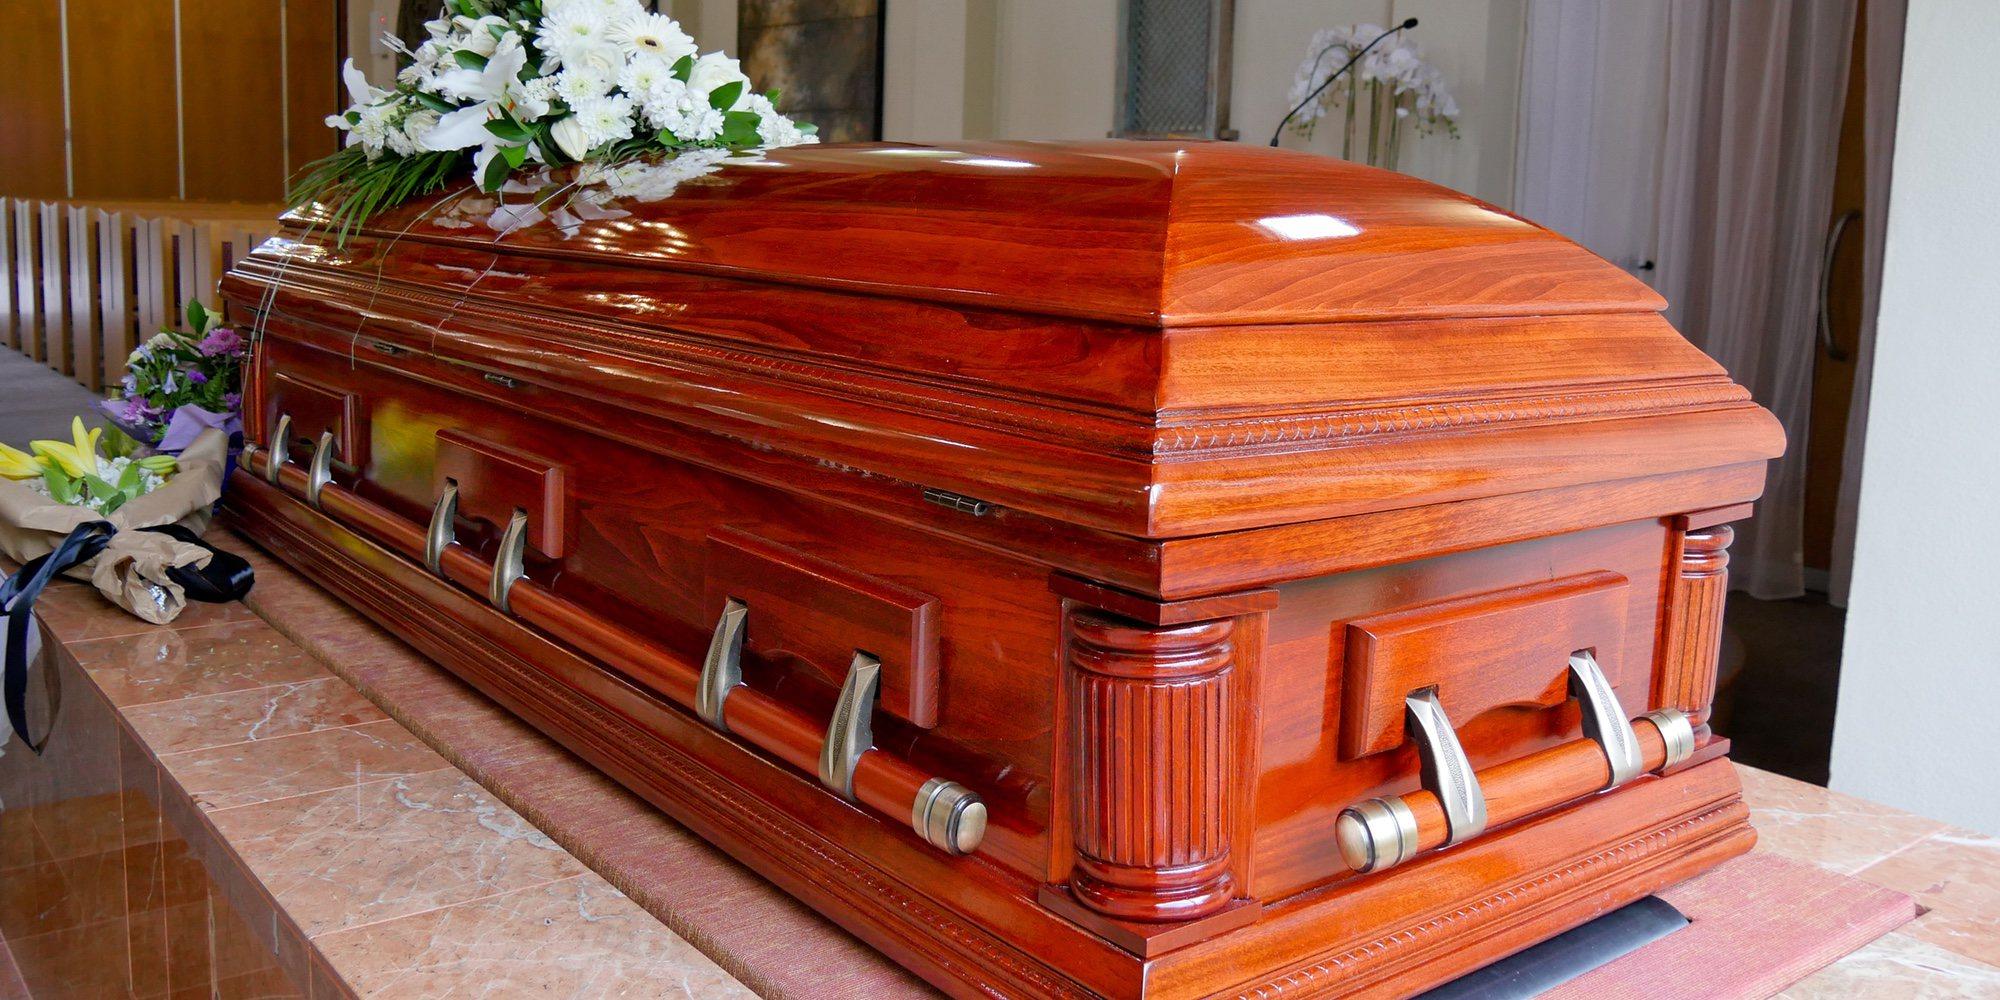 Una mujer enterrada viva por error muere 11 días después tras intentar escapar del ataúd